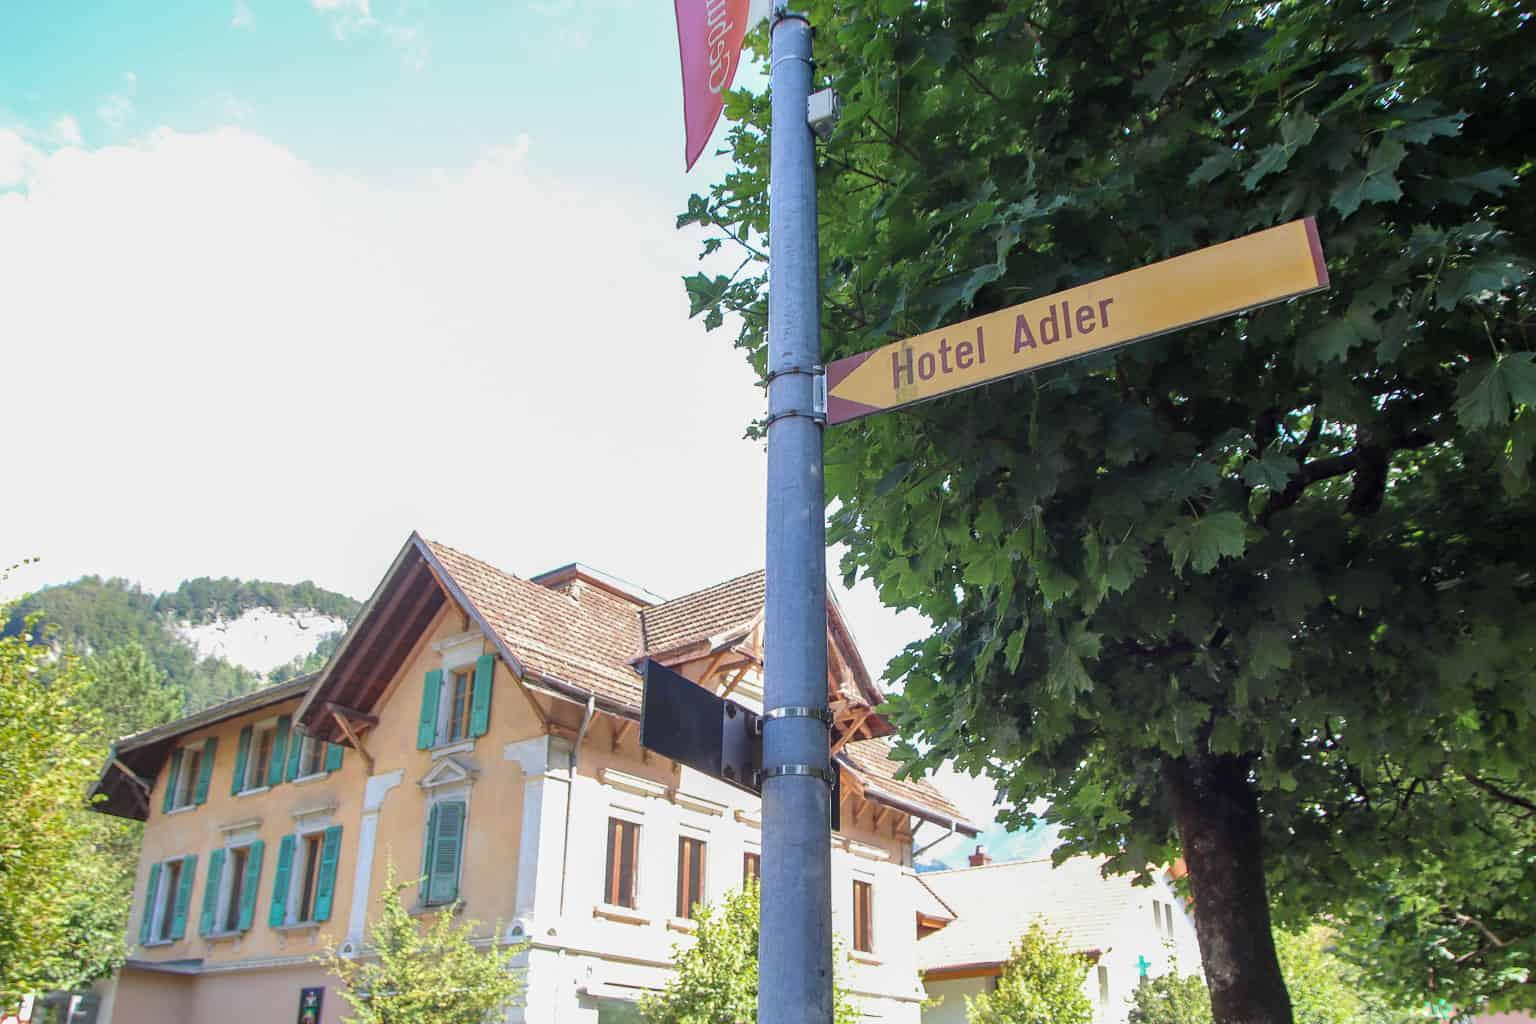 The town of Meiringen, Switzerland